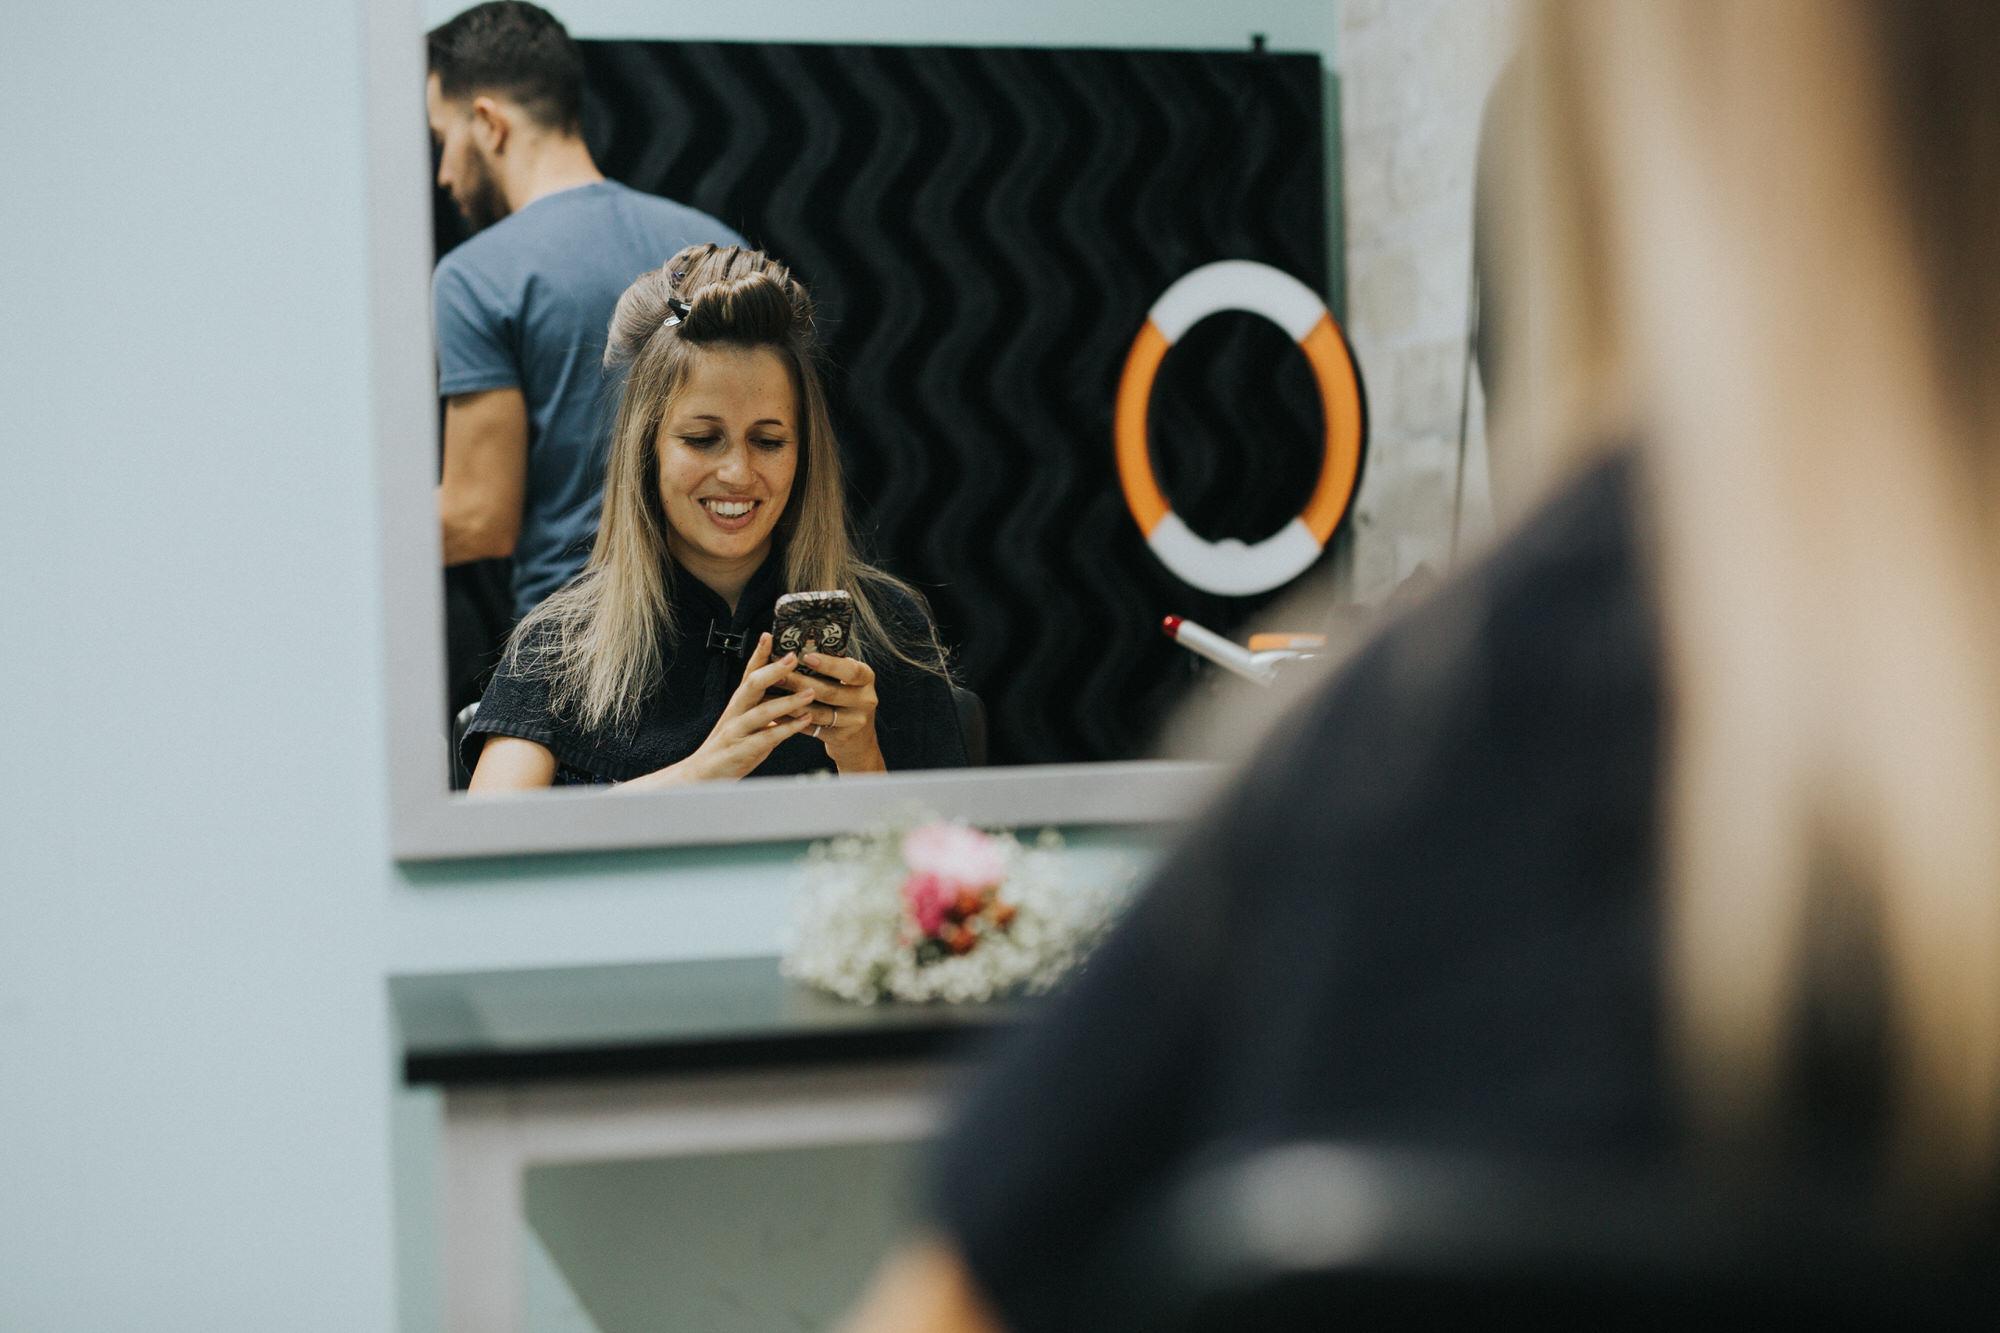 Filipe Santiago Fotografia-fotografo-malveira-lisboa-cascais-mafra-melhores-reportagem-wedding-photography-portugal-lisbon-best-natural-casamentos-lifestyle-bride-ideias-rustic-boho-hair-mackup-iphone-